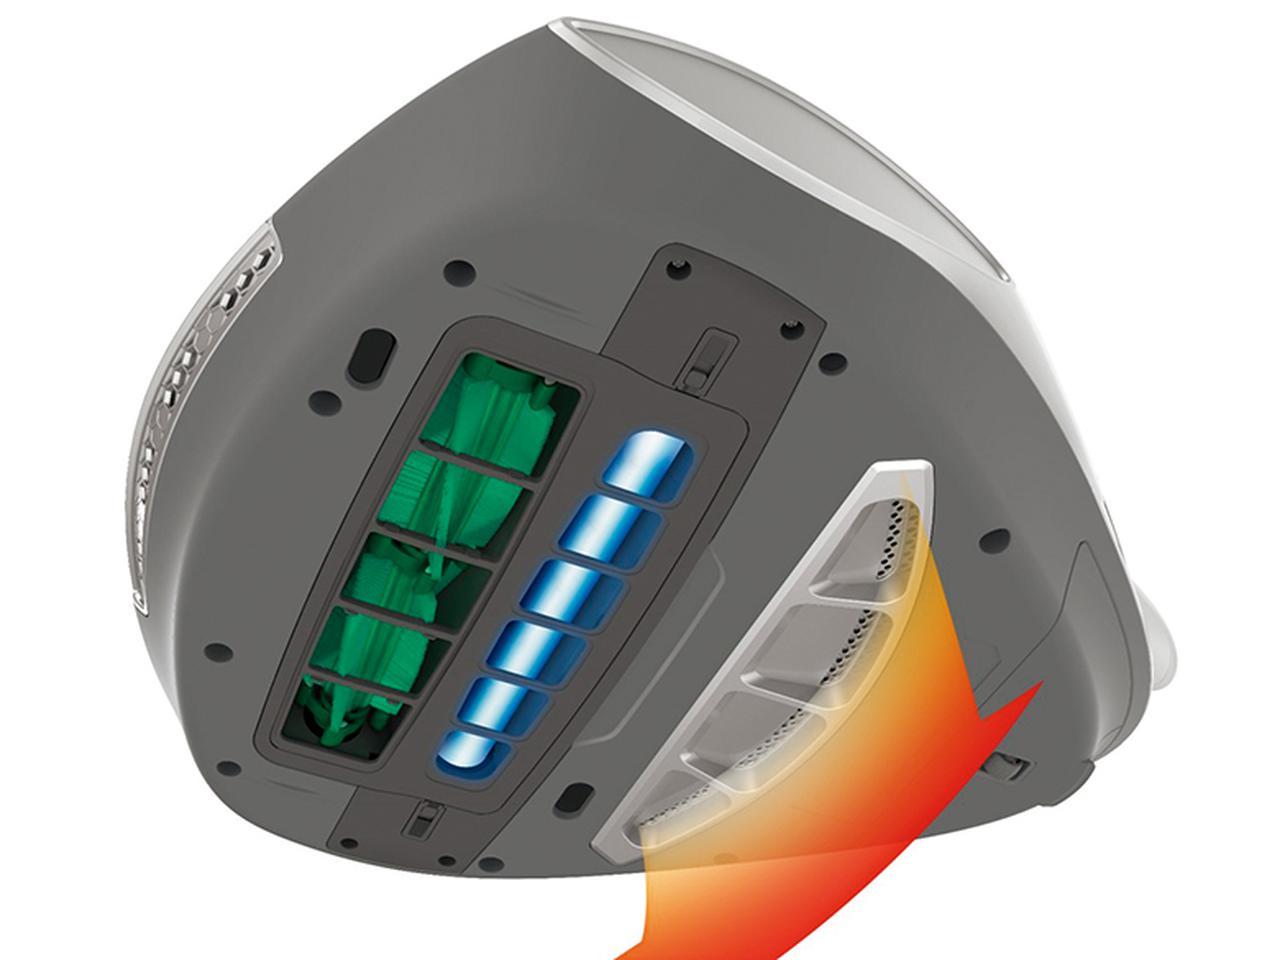 画像2: 【レイコップPRO】ダニ対策機能「ドライエアブロー」を搭載!60度の温風で内部のダニまで死滅